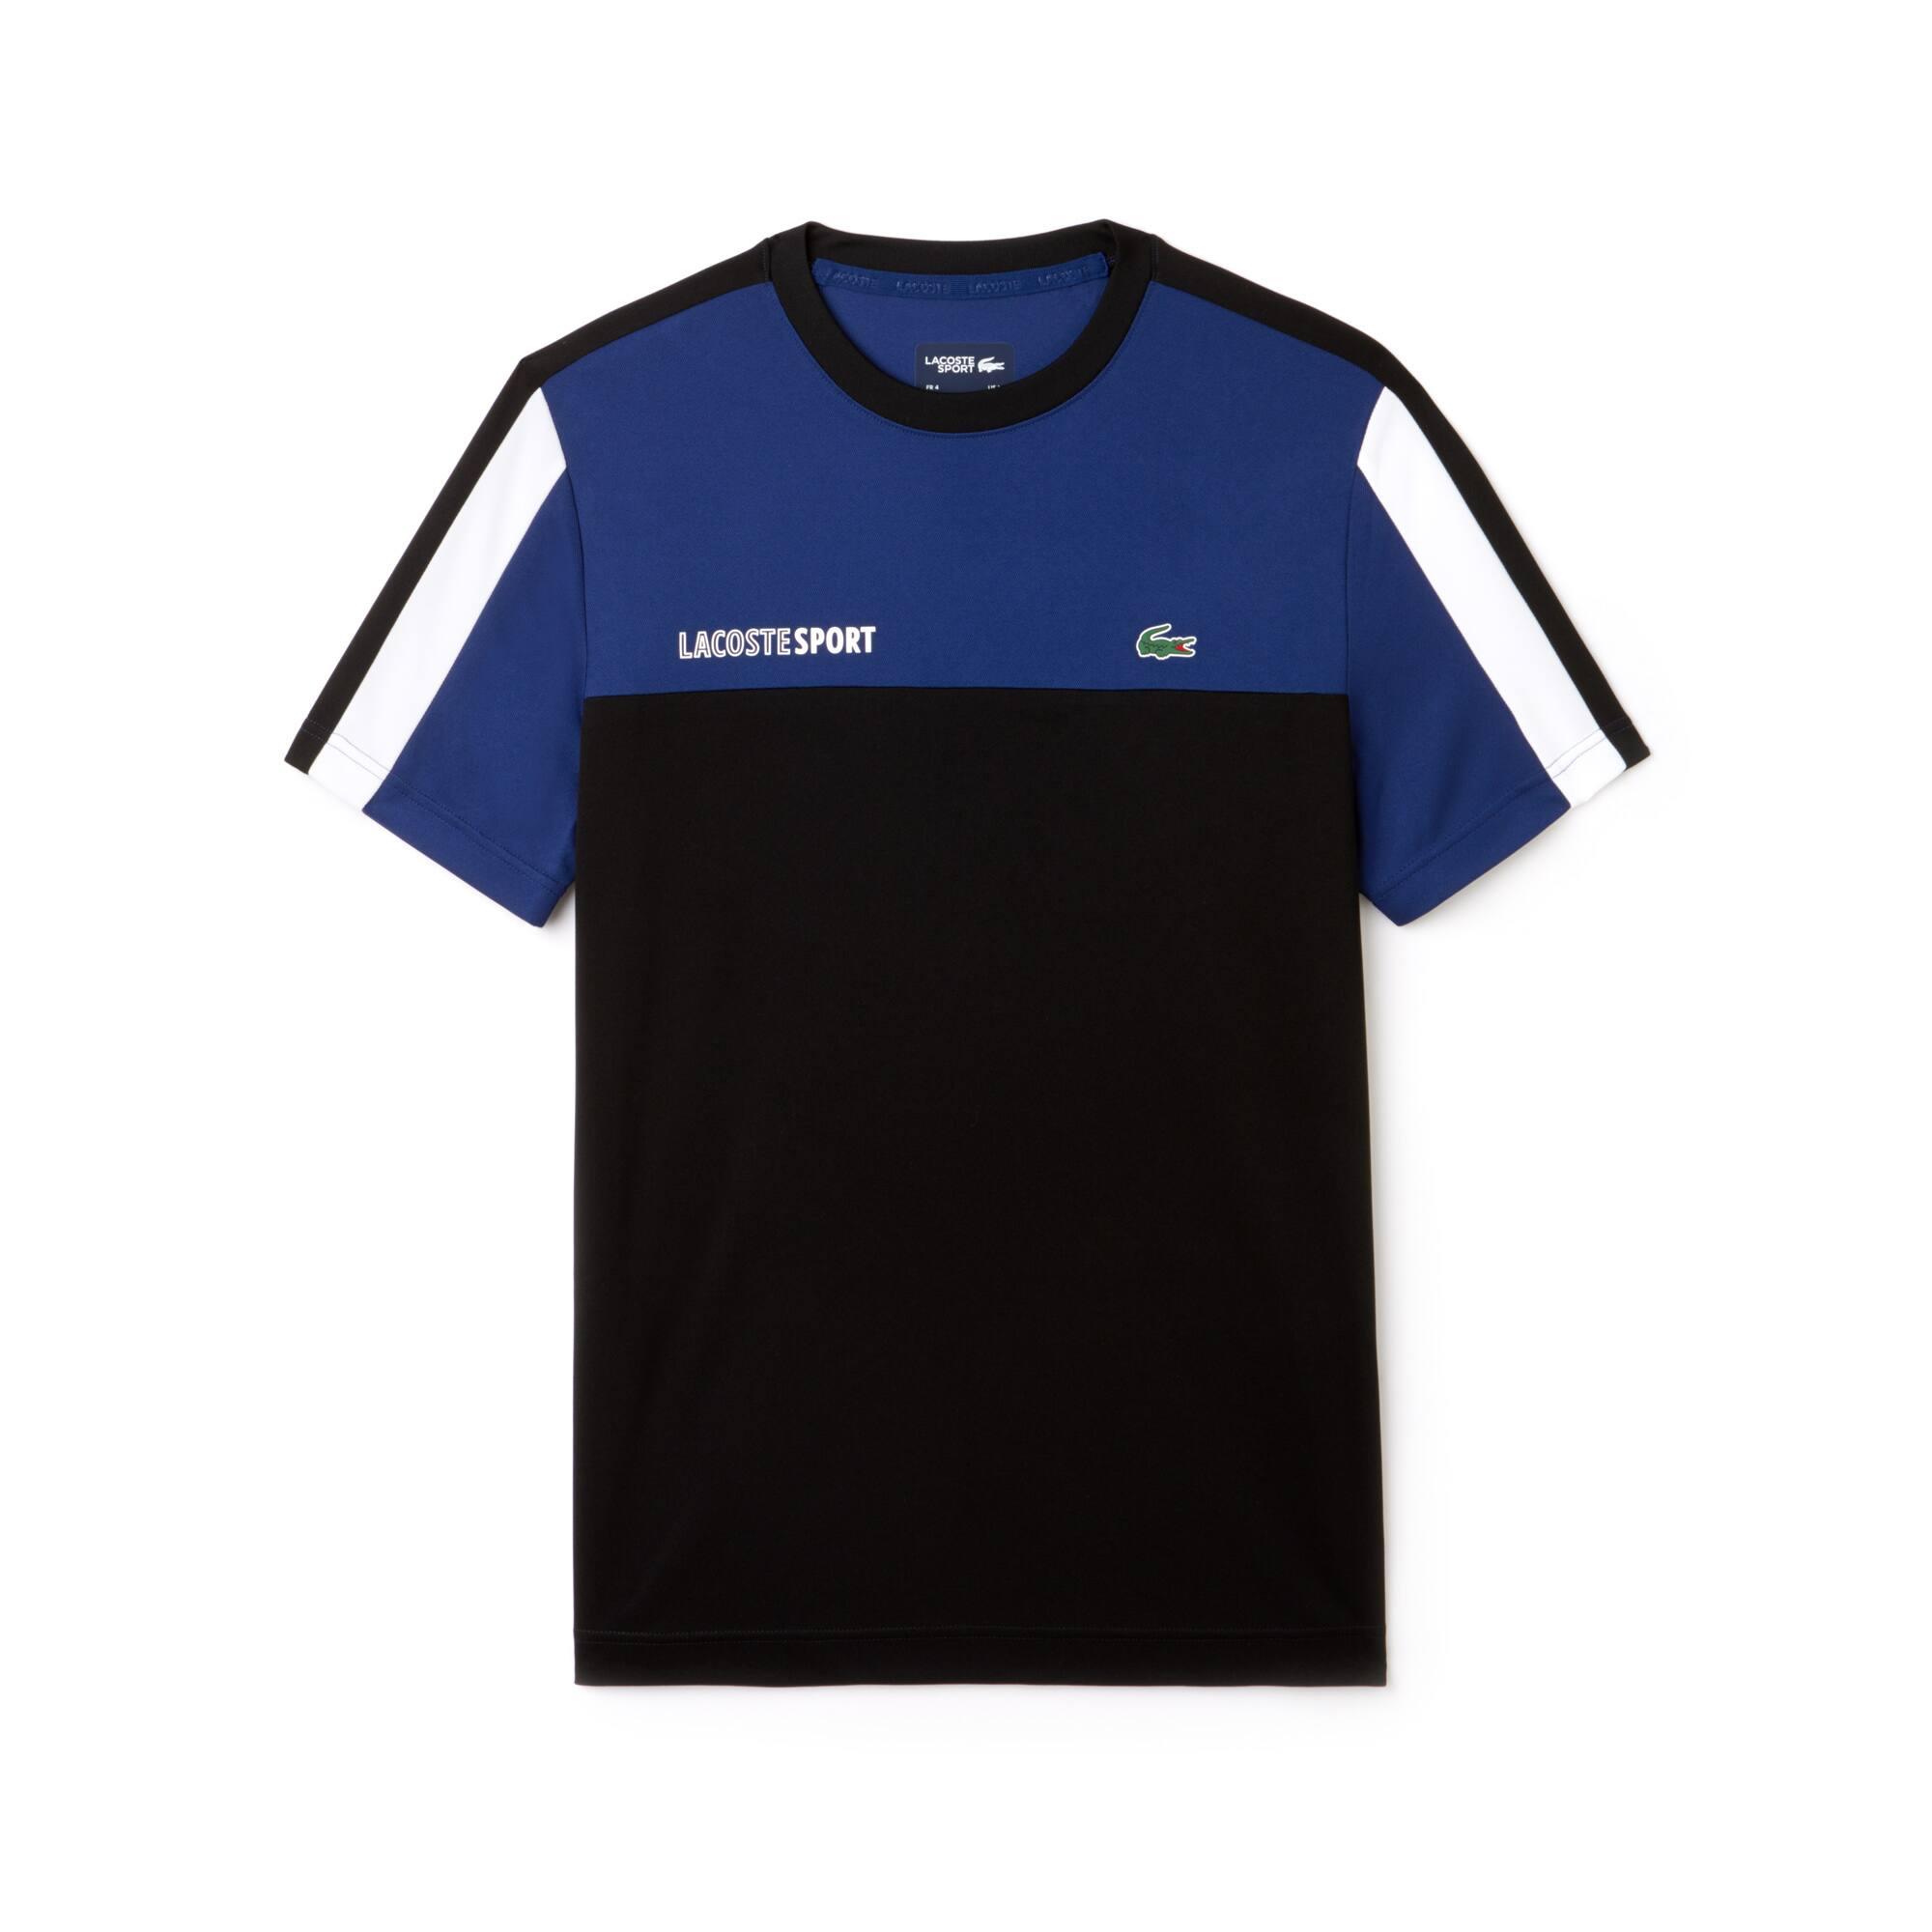 Lacoste - Herren LACOSTE SPORT Rundhals Tennis T-Shirt mit Colorblocks - 3